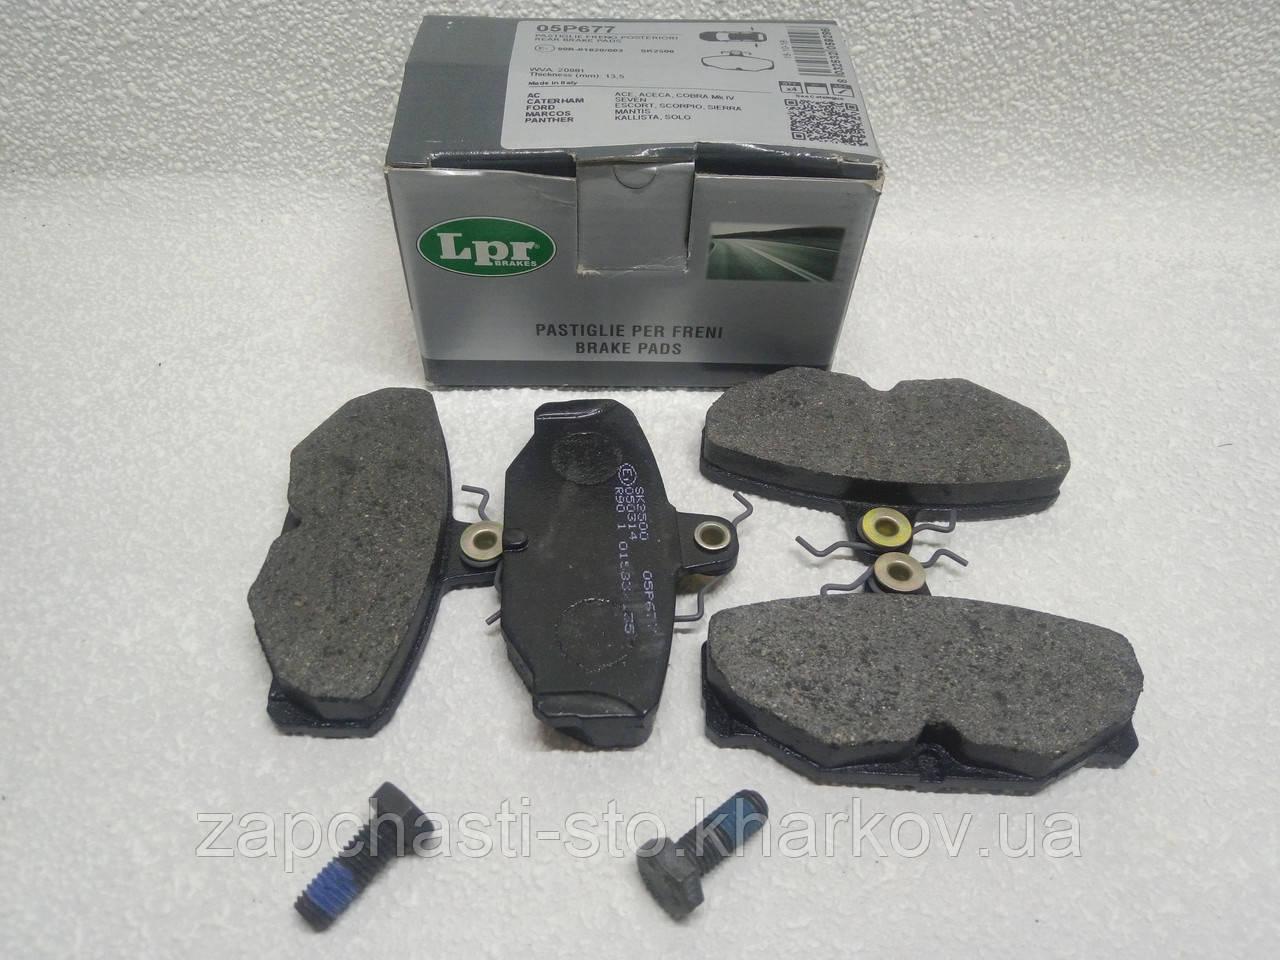 Колодки тормозные задние дисковые Ford Sierra, Scorpio LPR